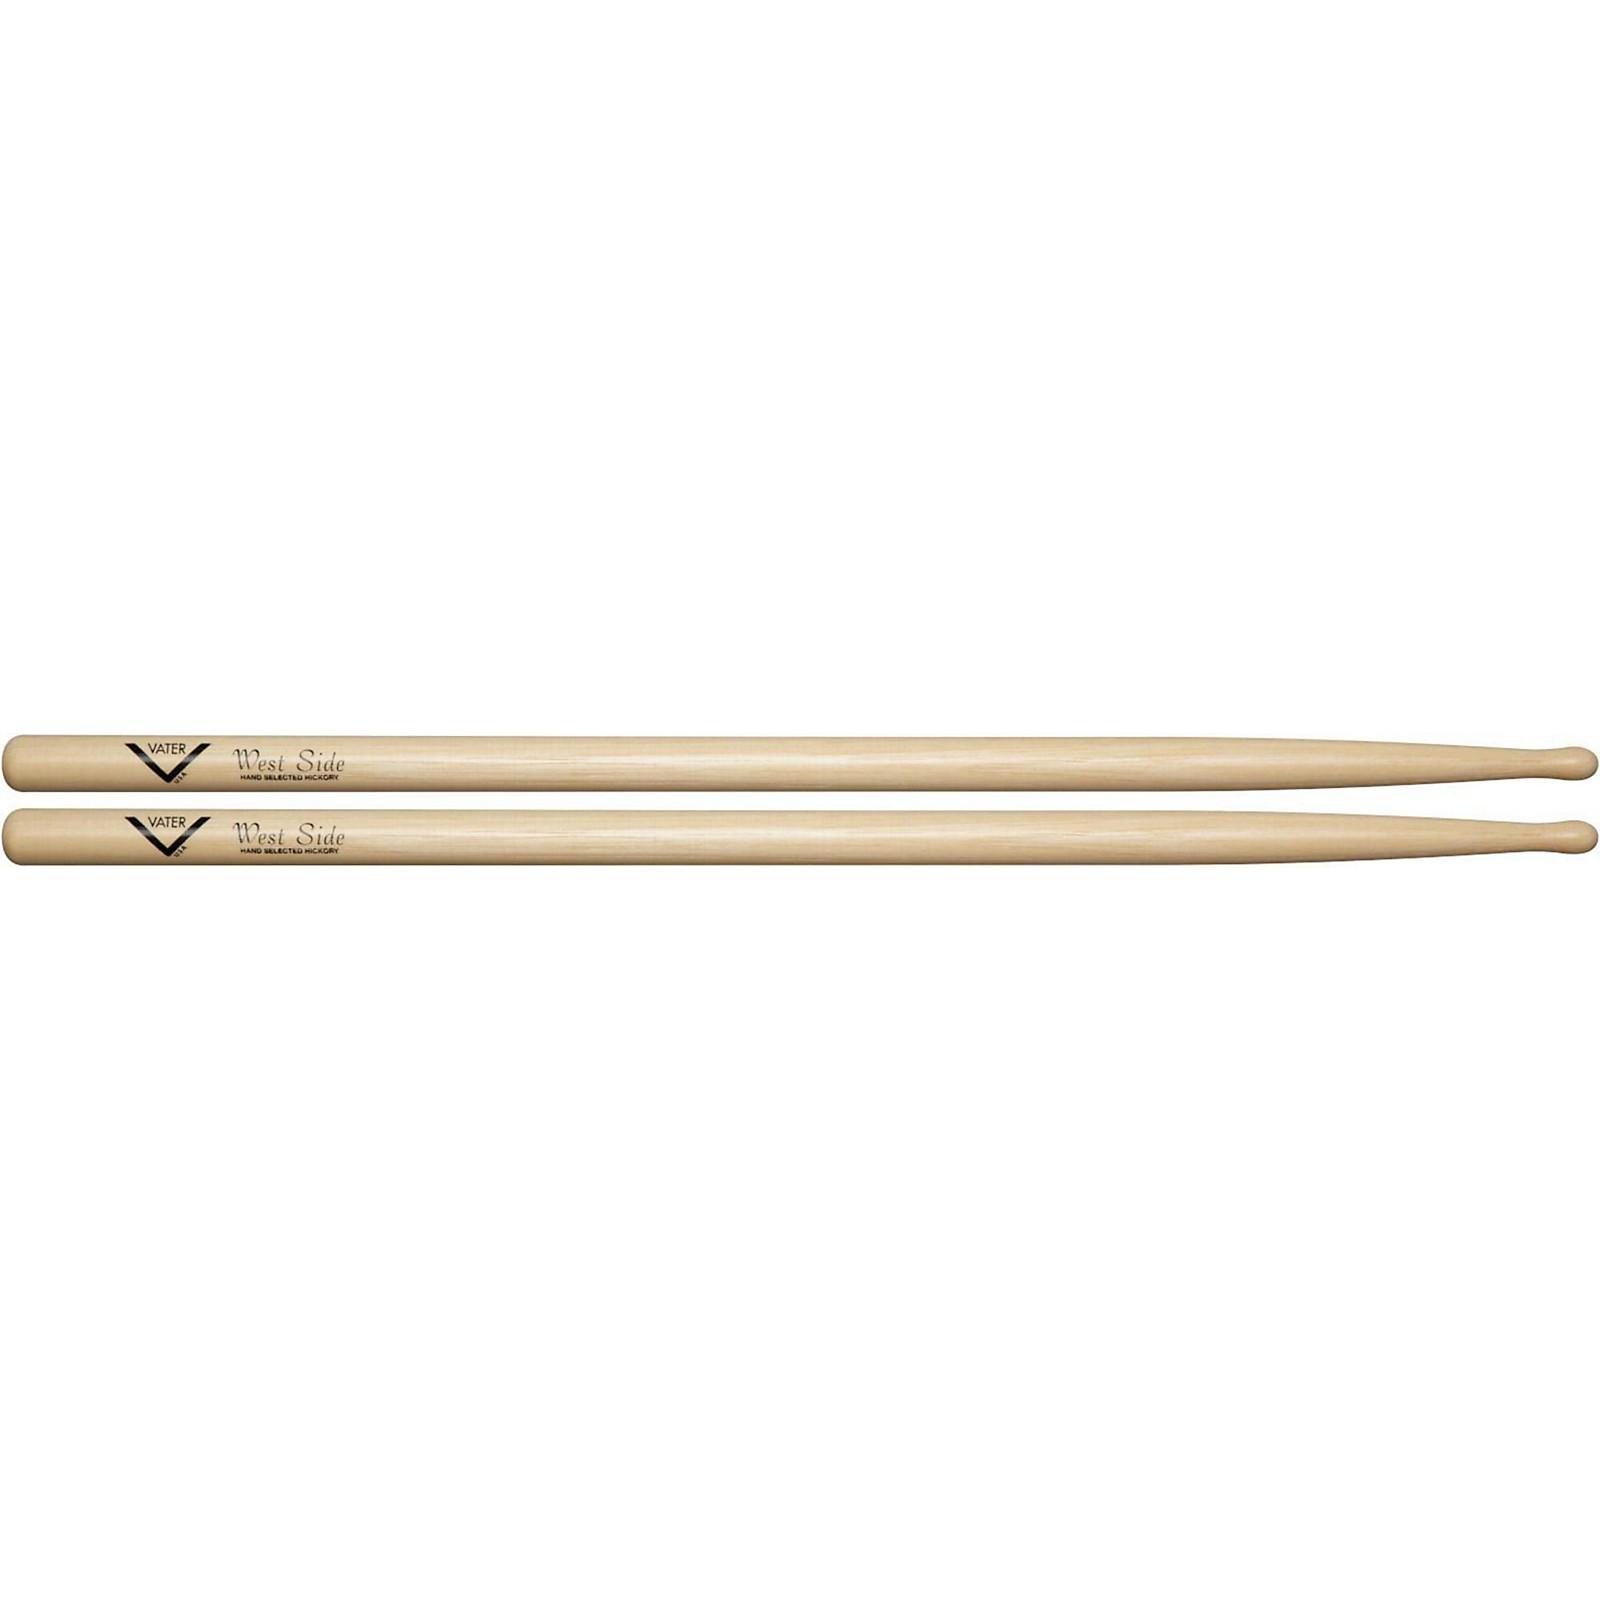 Vater American Hickory West Side Drumsticks